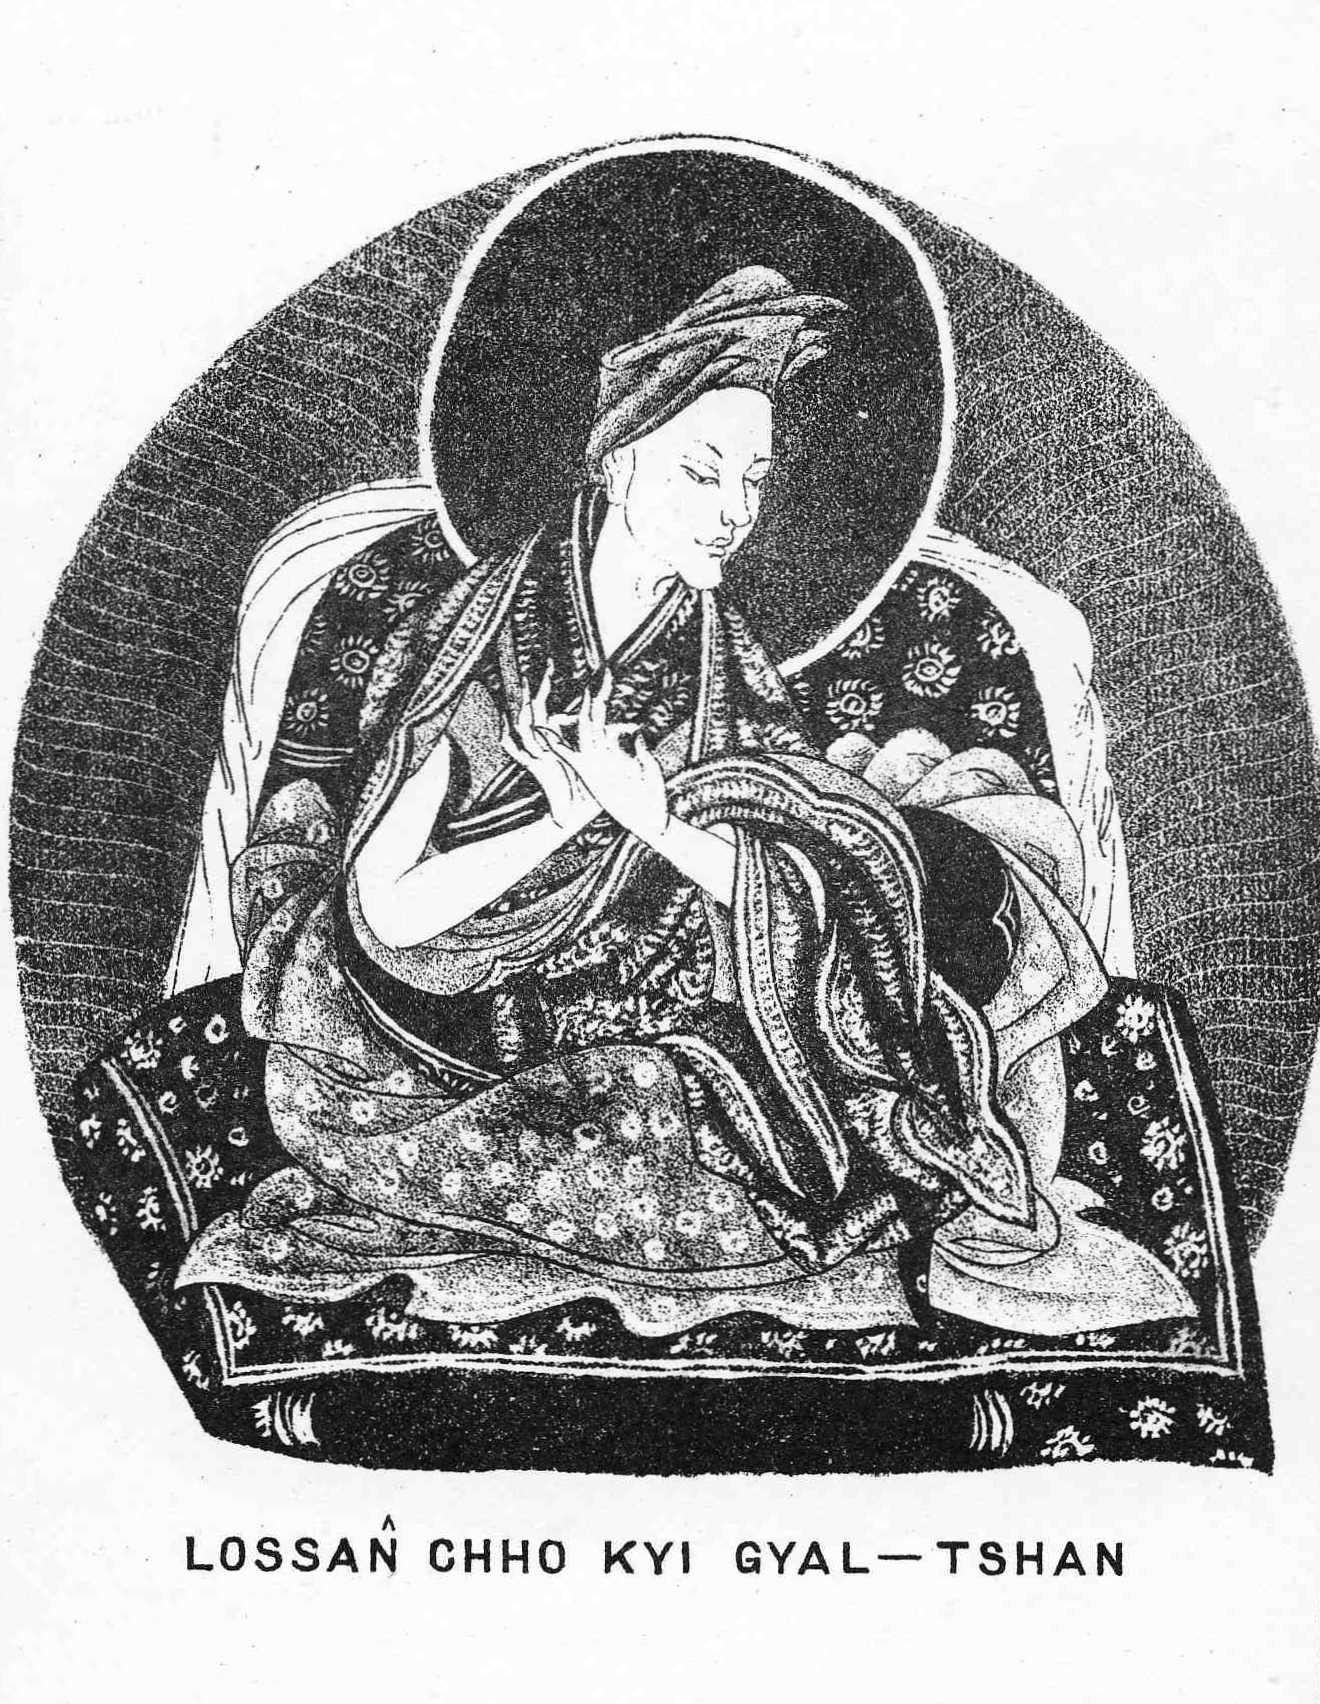 The First Panchen Lama Lozang Chokyi Gyeltsen